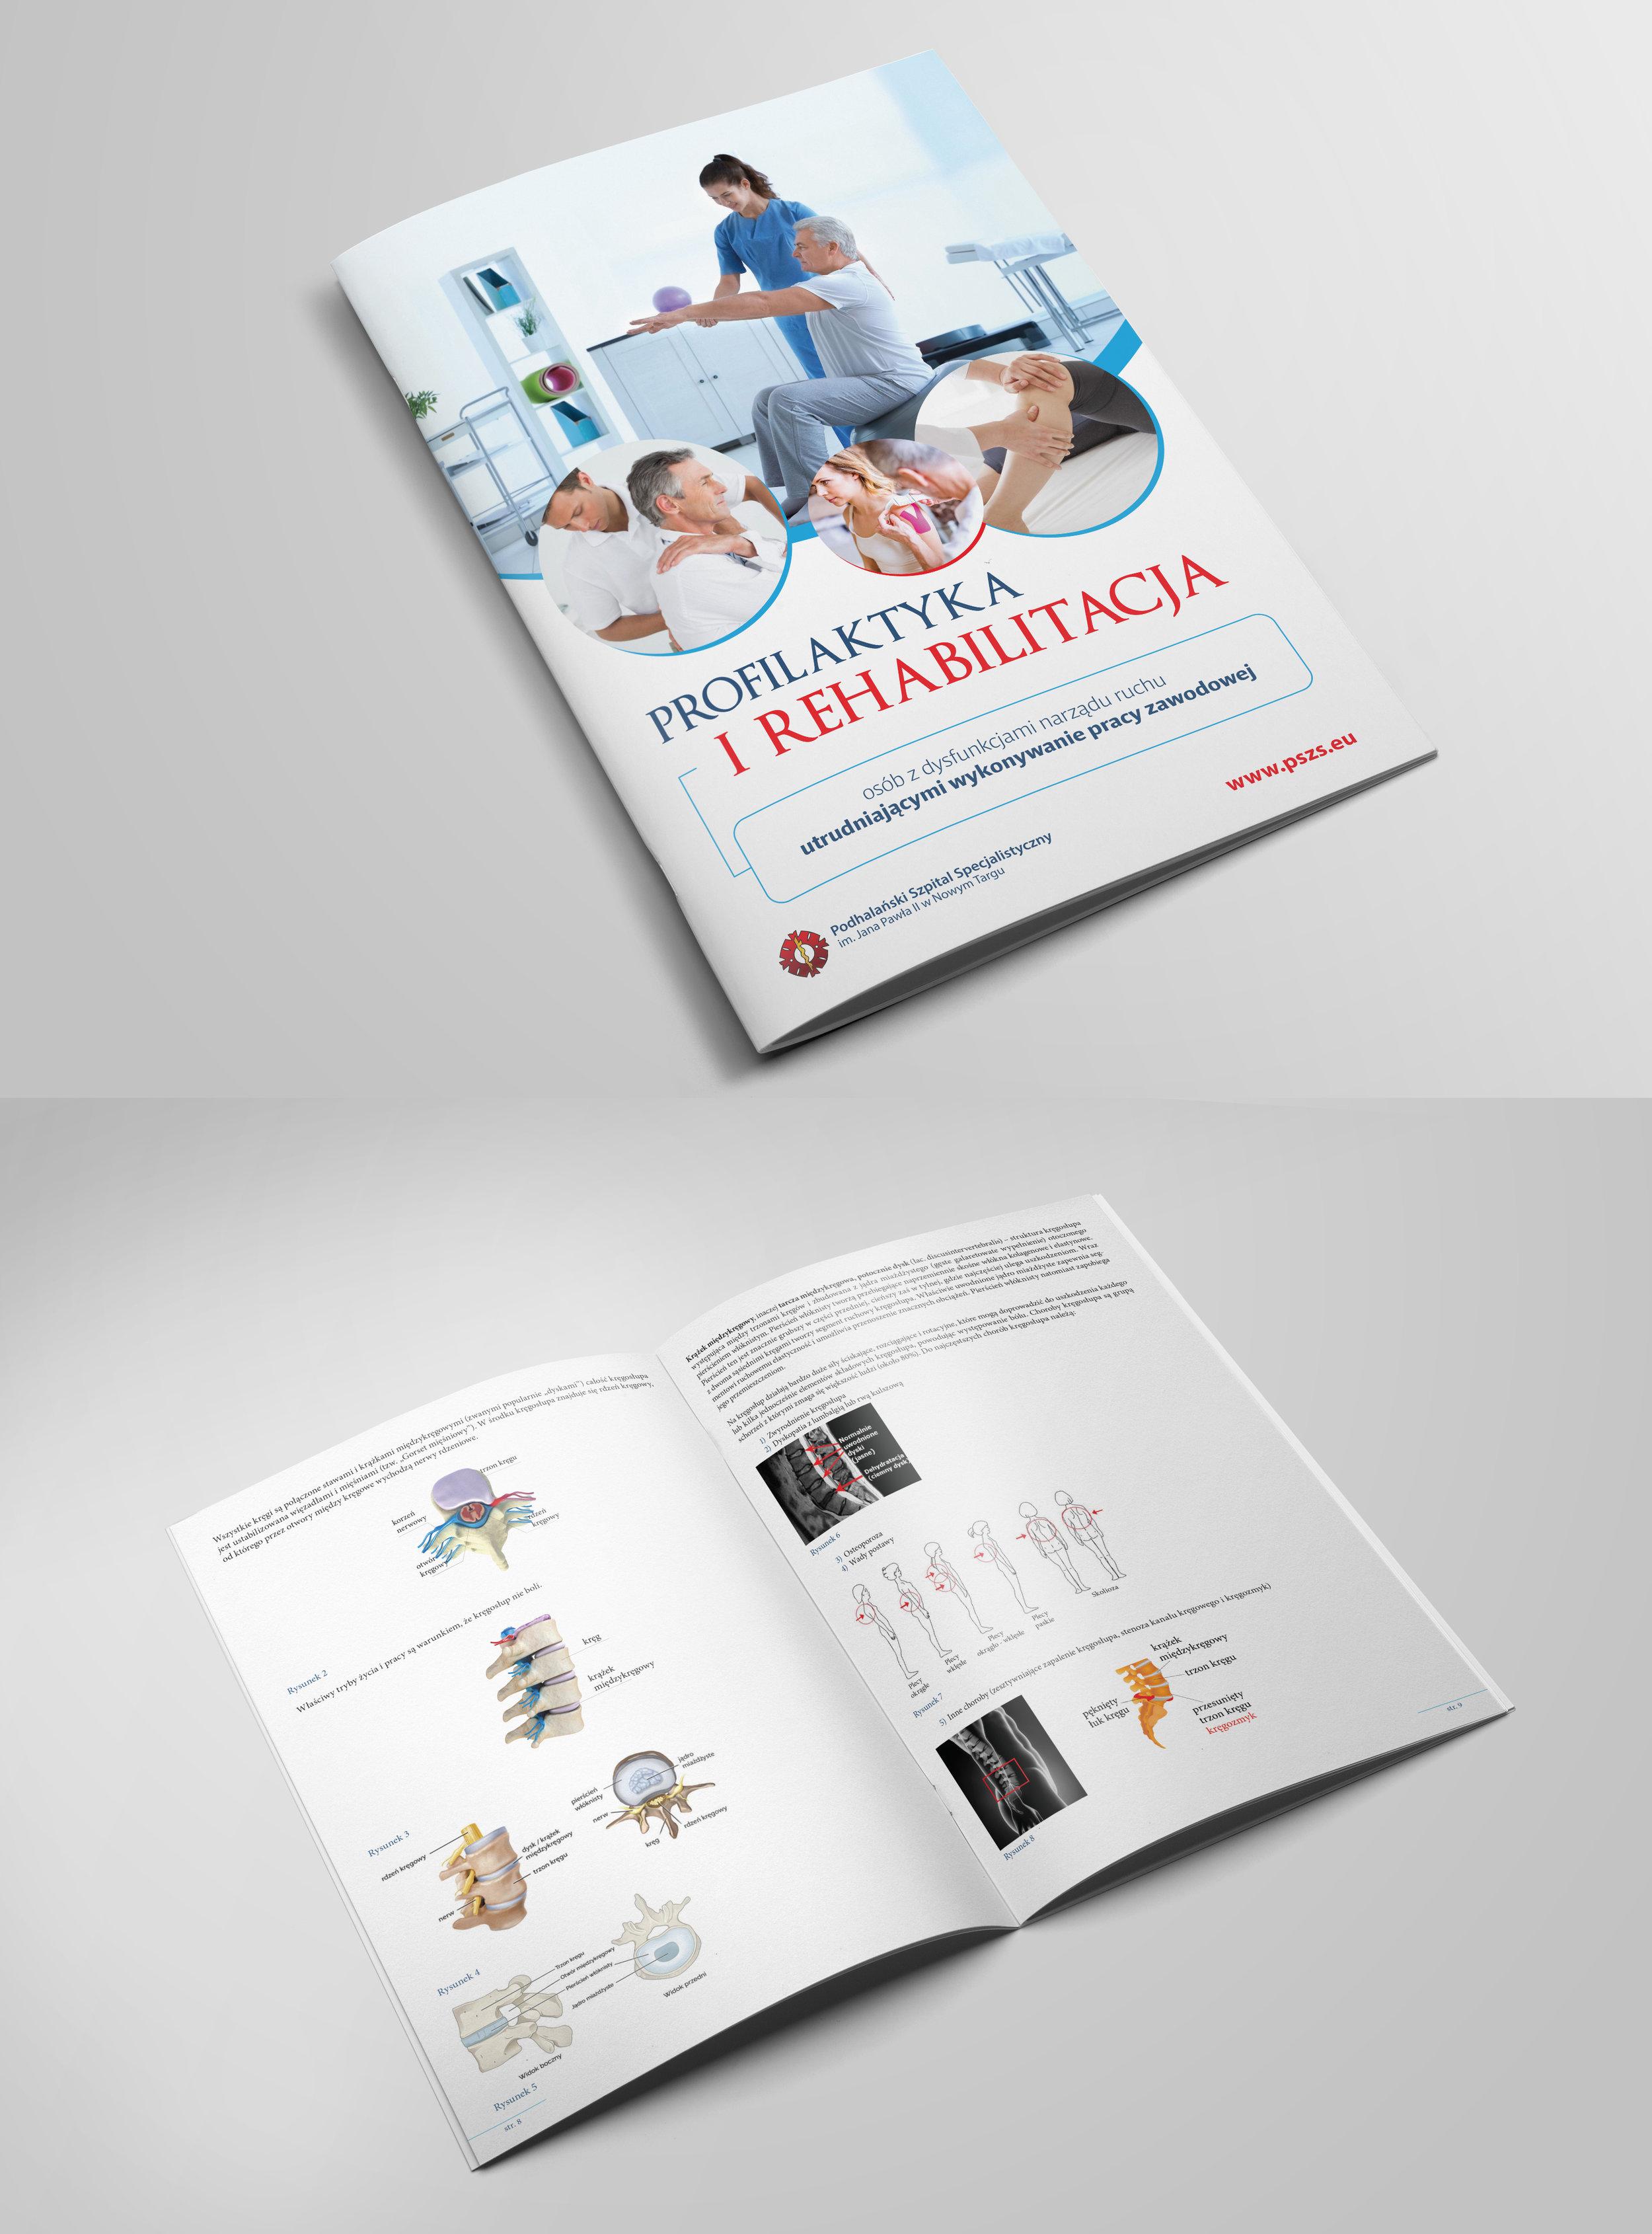 Przygotowanie graficzne i druk katalogów A4. Okładka kreda błysk + folia błysk, środek papier kredowy. szycie zeszytowe